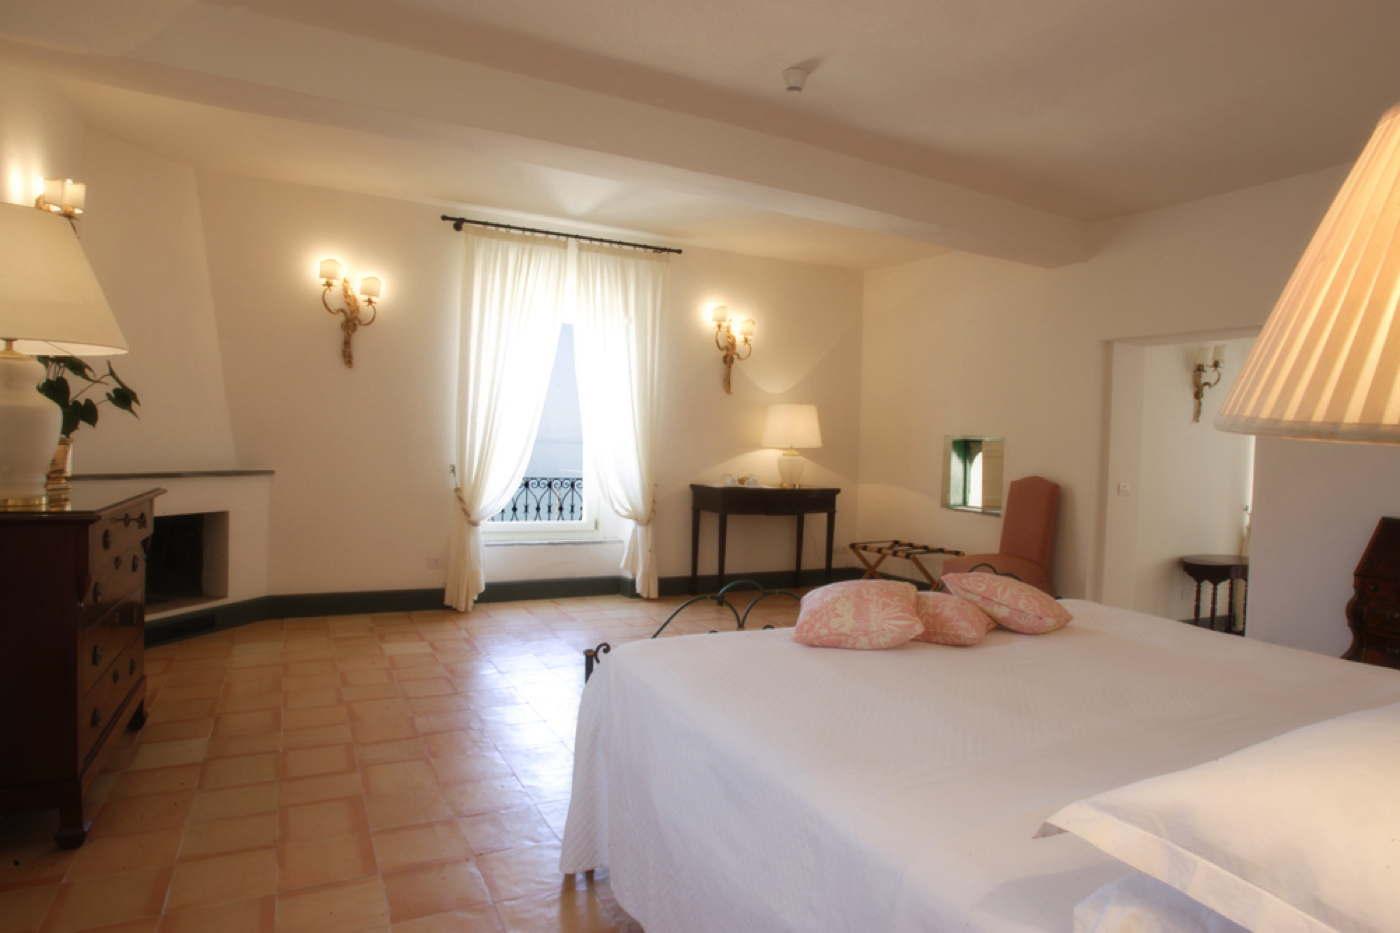 Luxushotel Mit Suiten Direkt Am Meer In Campanien In Italien